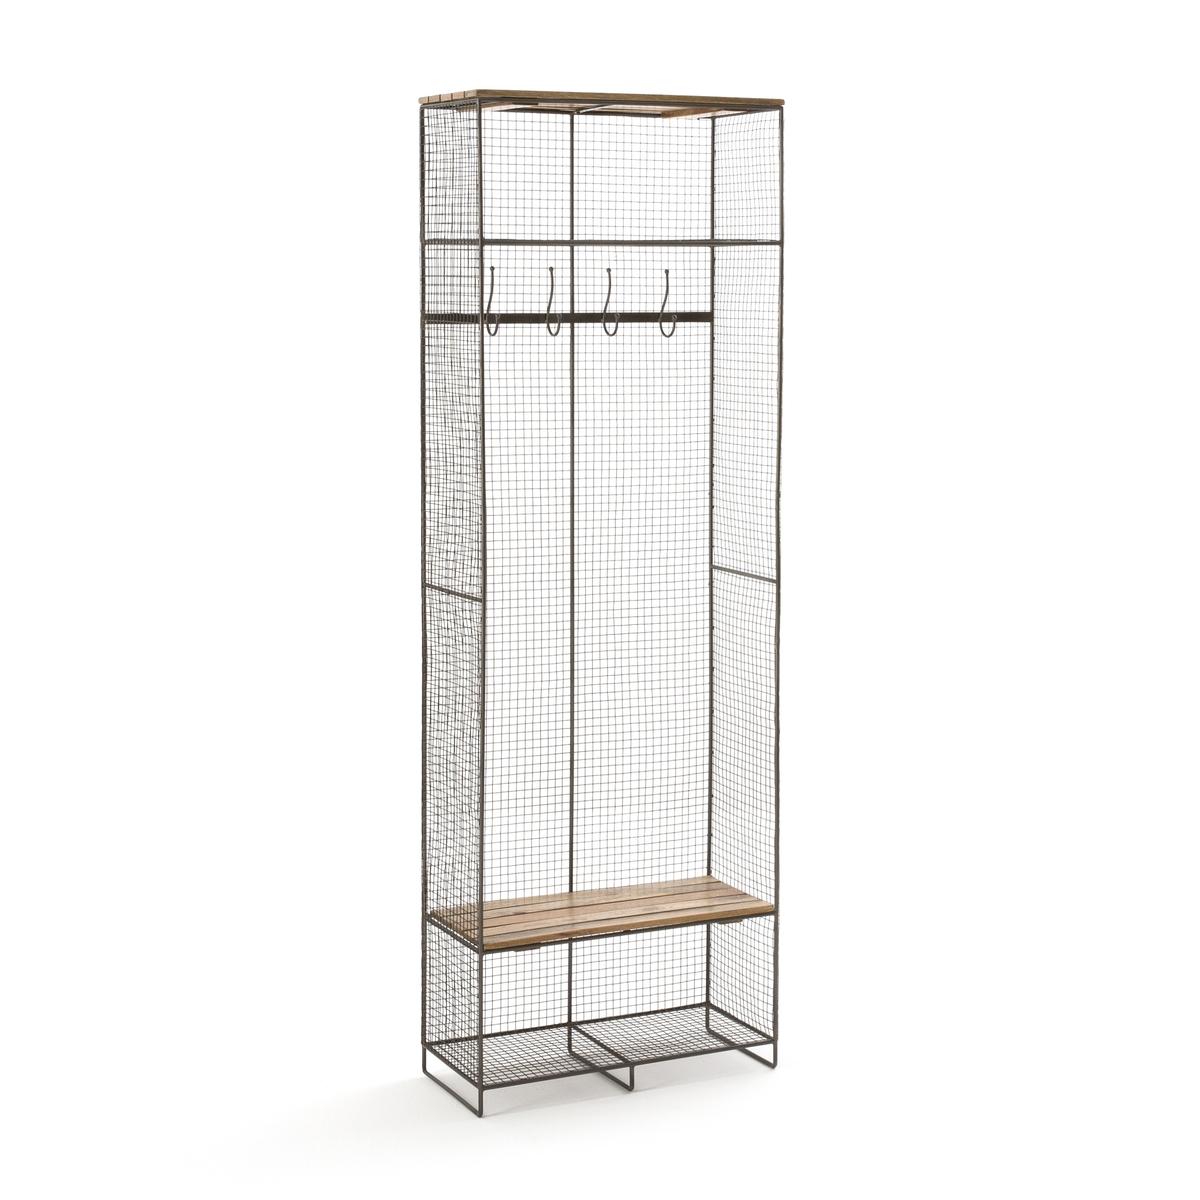 Шкаф La Redoute Из металла и дерева Areglo единый размер каштановый этажерка из решетчатого металла и массива мангового дереваareglo